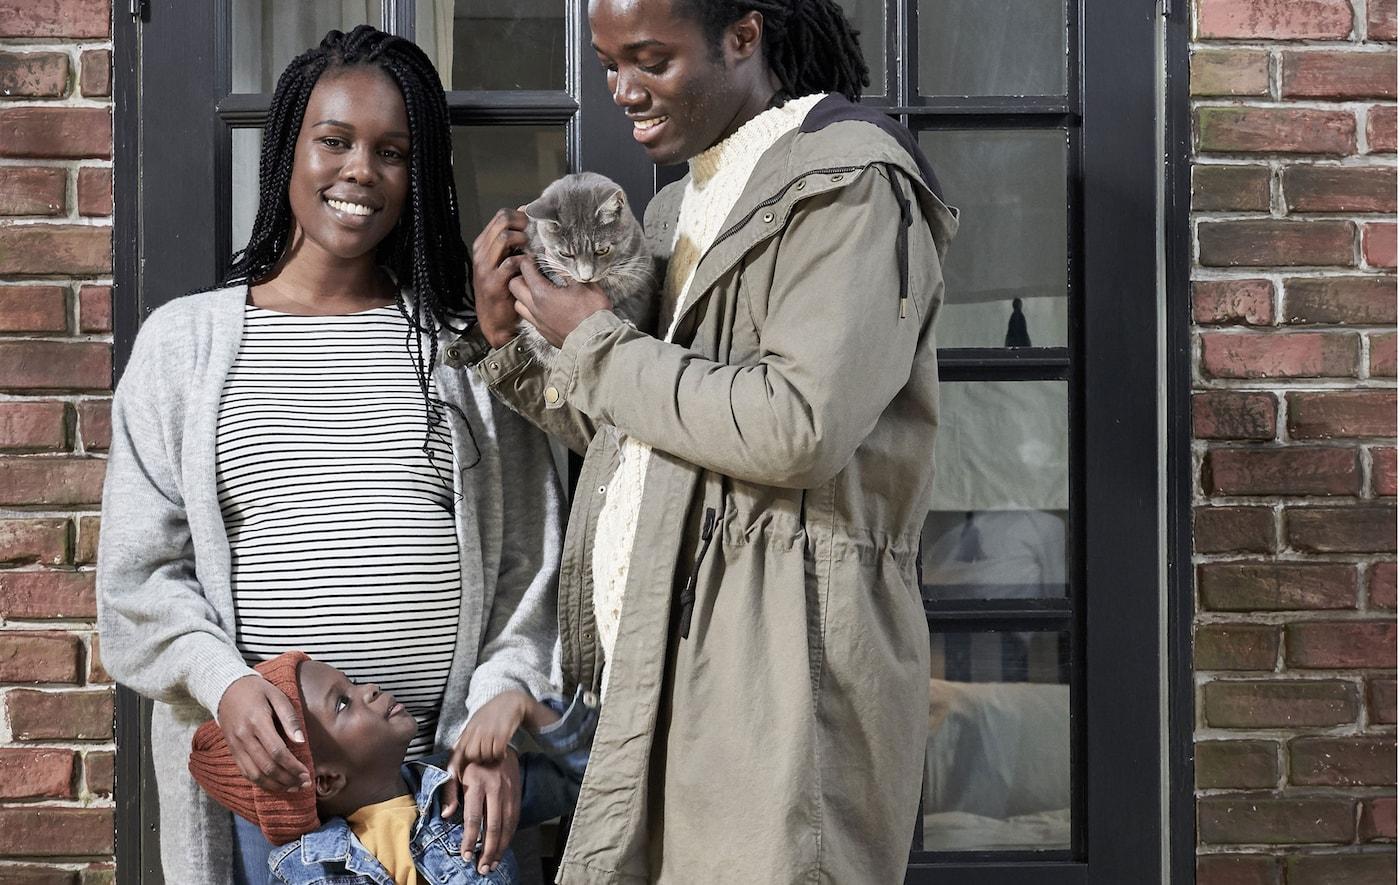 رجل في أواخر العشرينات يبتسم، وامرأة حامل أمام جدار من الطوب، وصبي صغير في المنتصف؛ الرجل يحمل قطة.